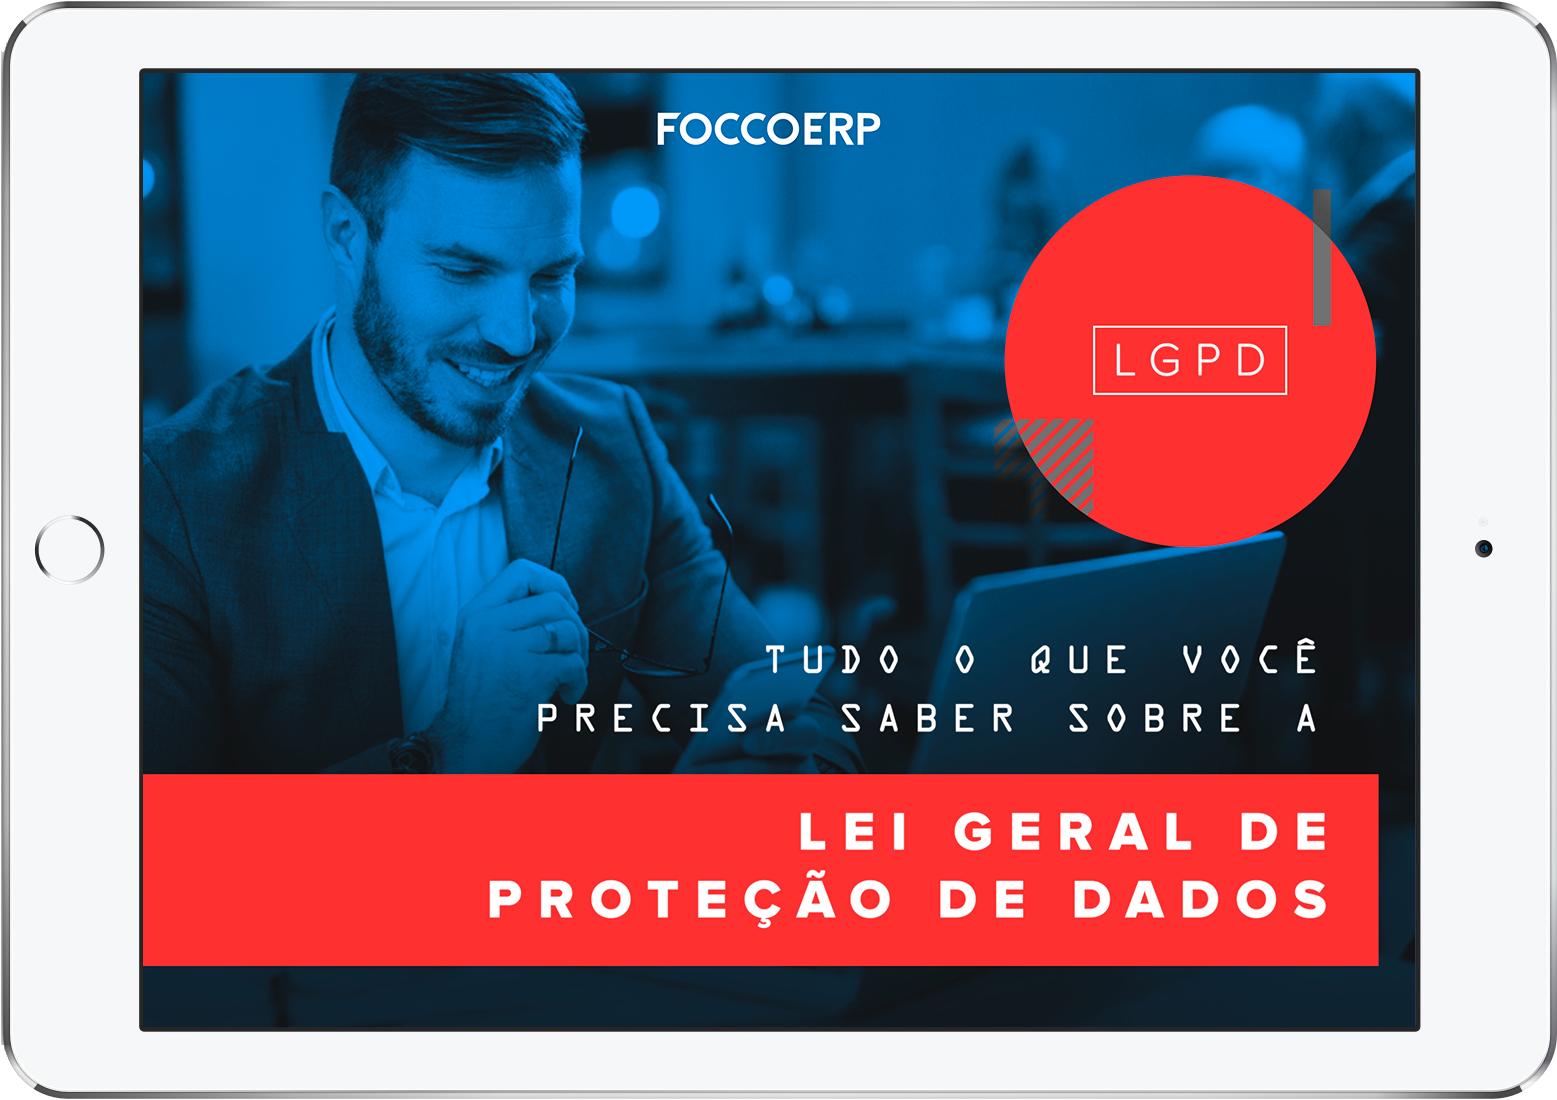 E-book sobre LGPD